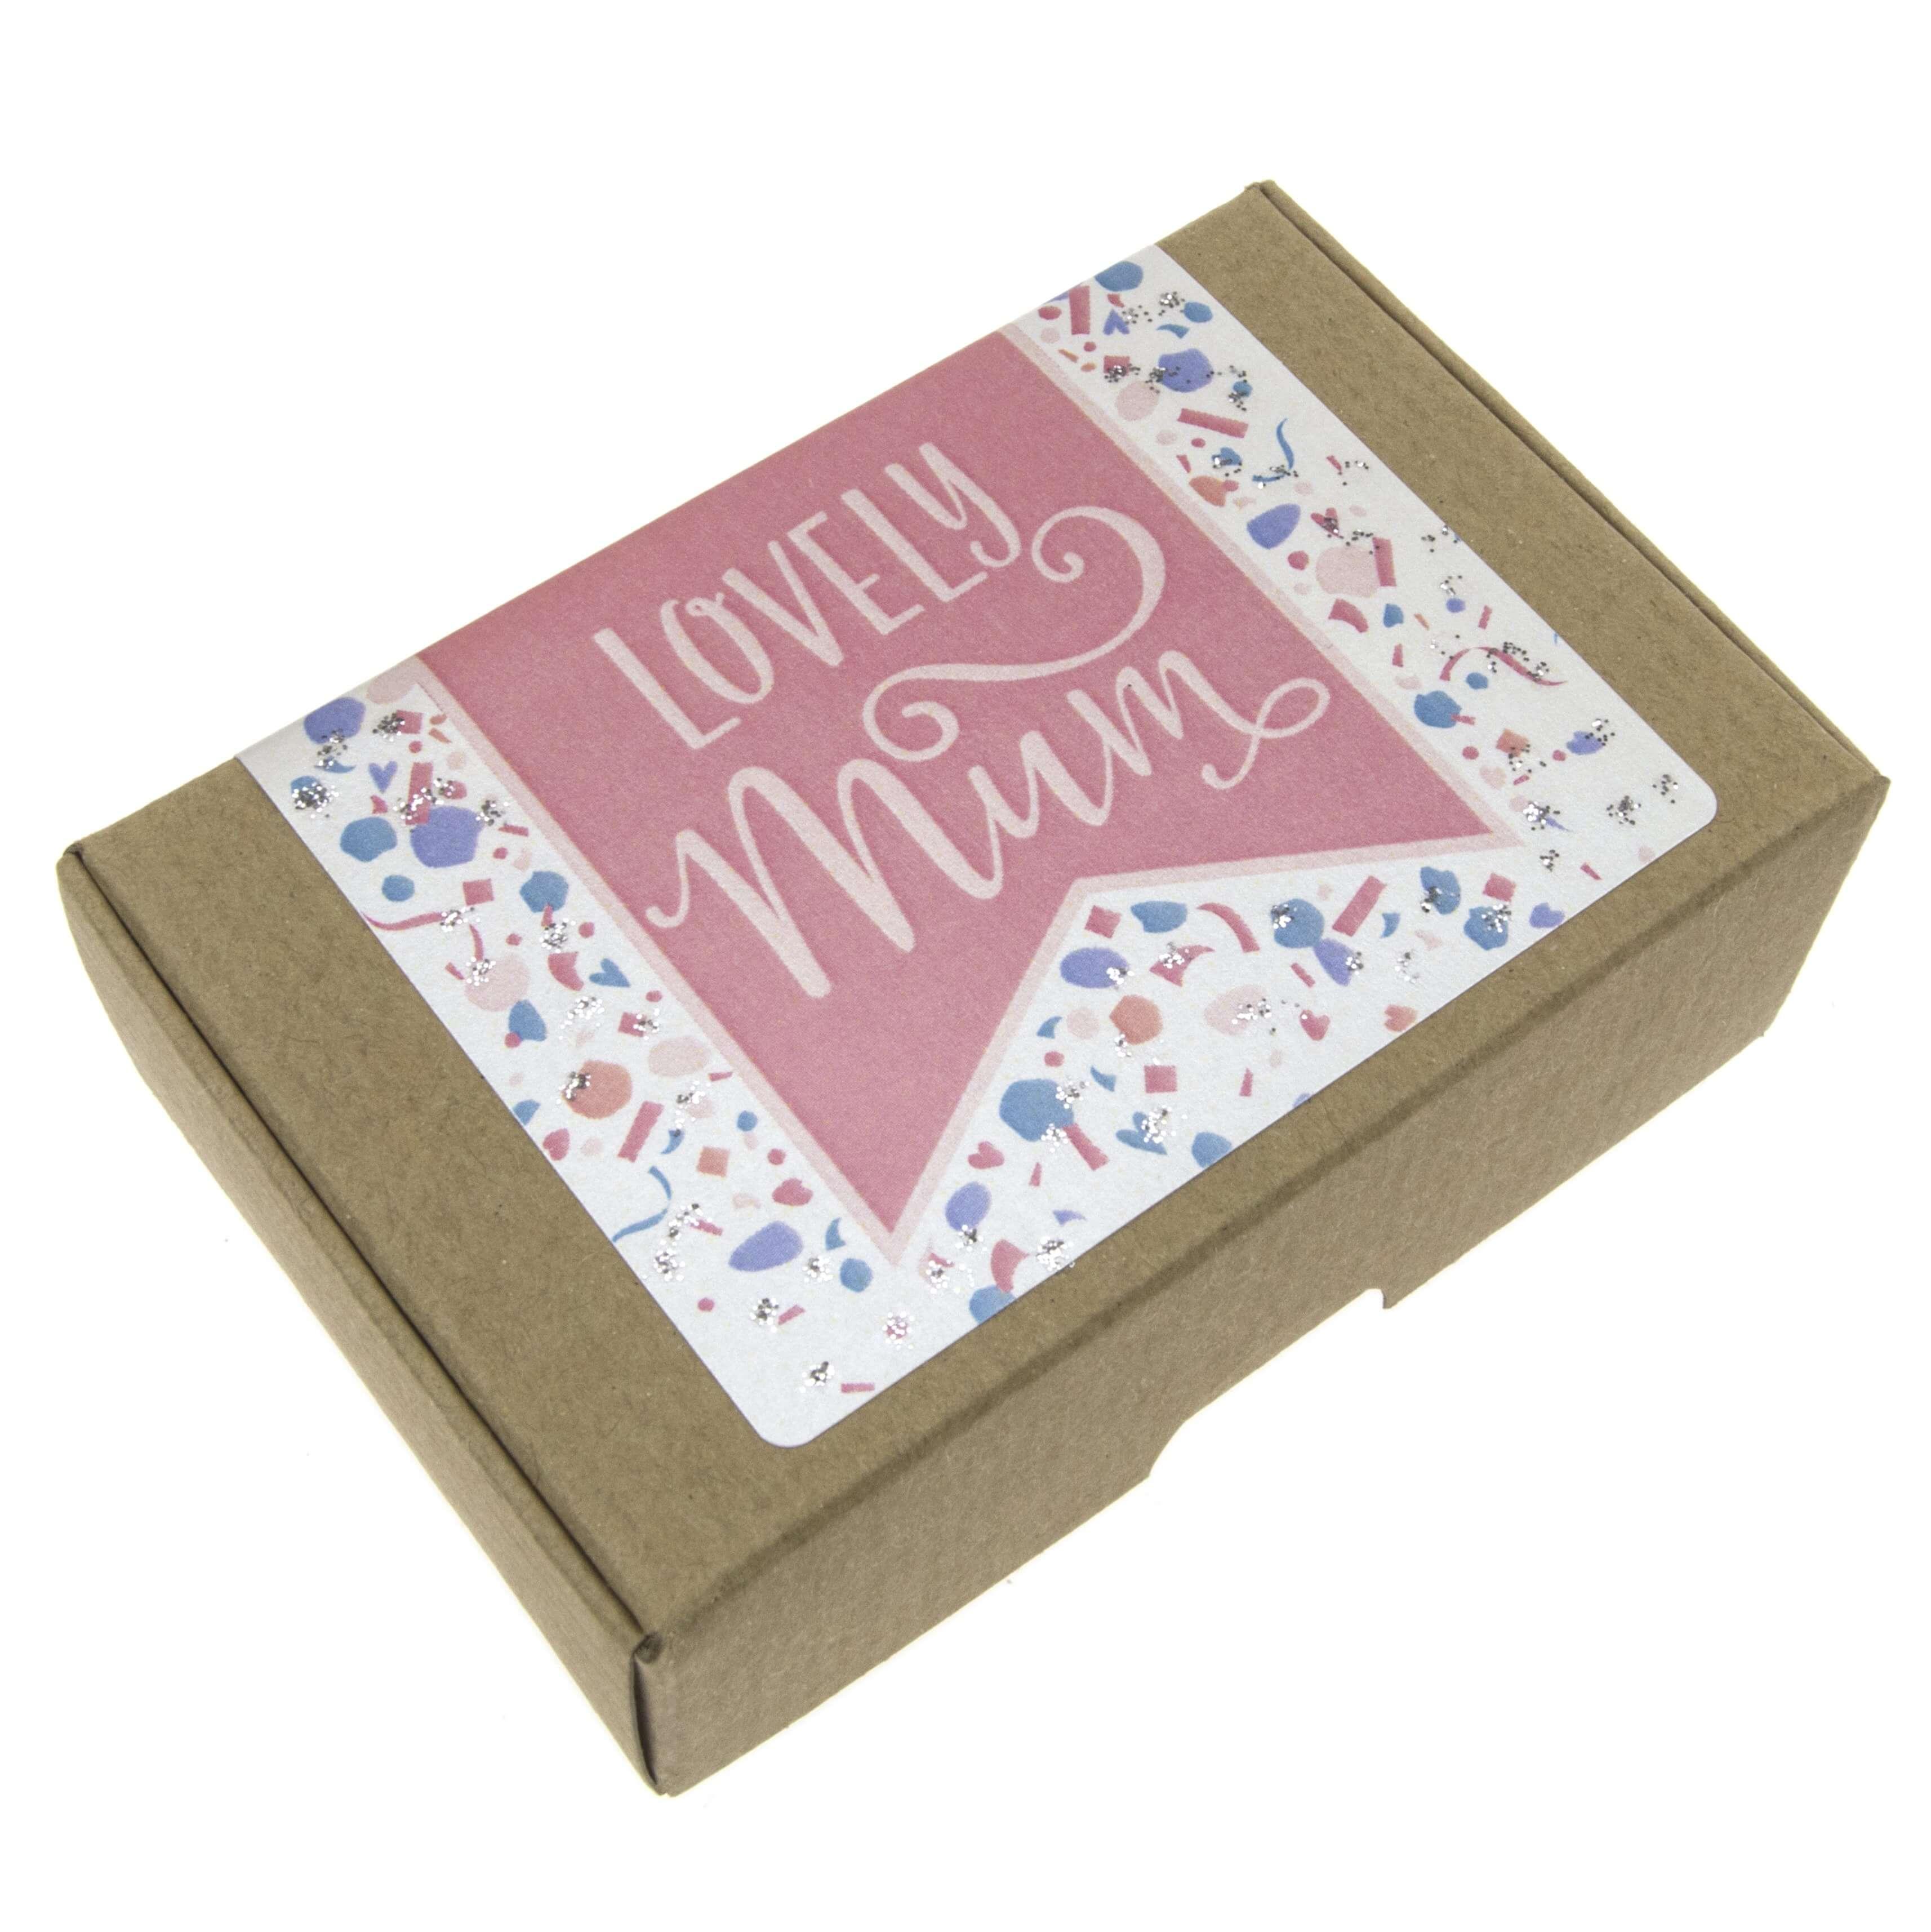 Lovely Mum Gift Soap